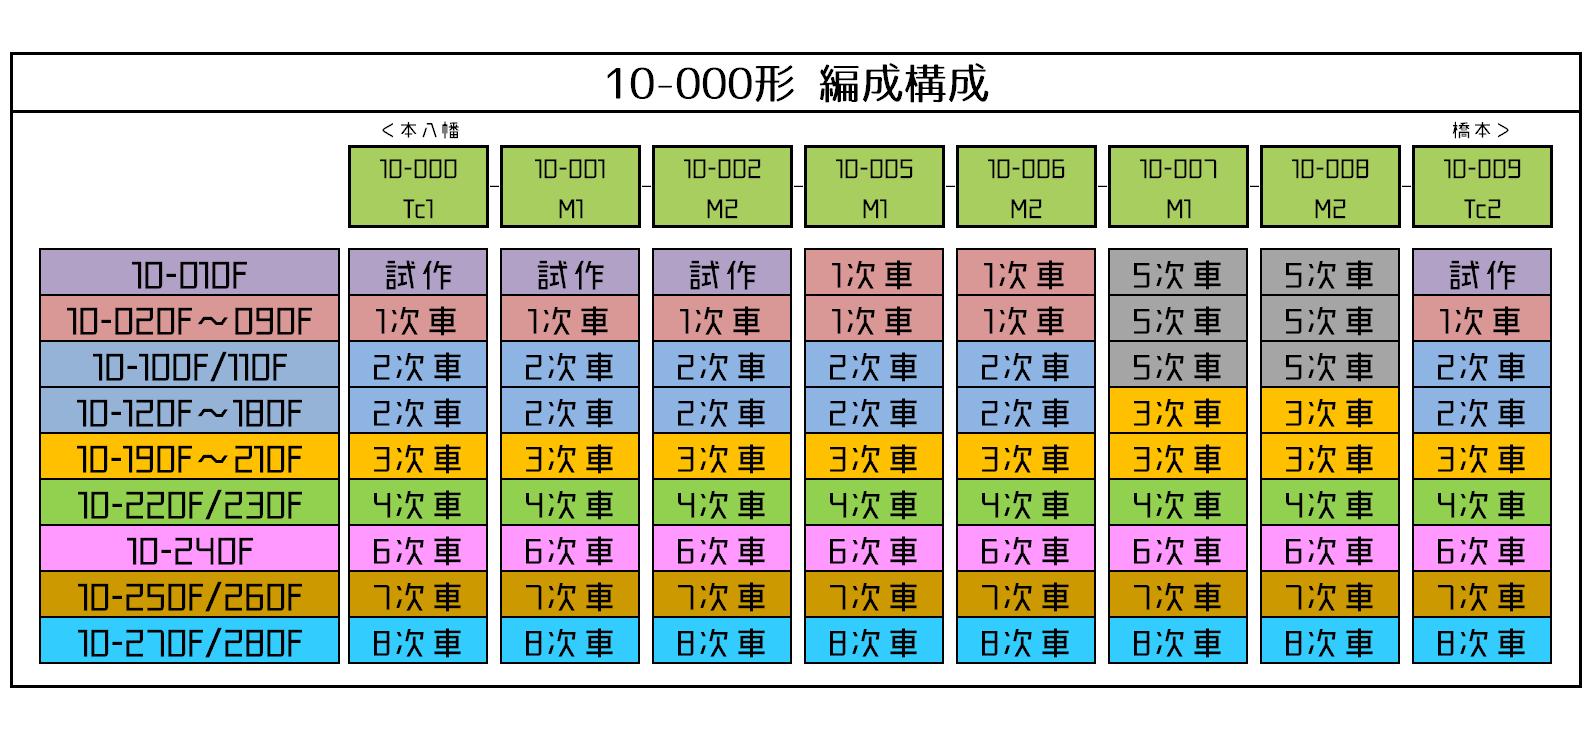 10-000形編成構成